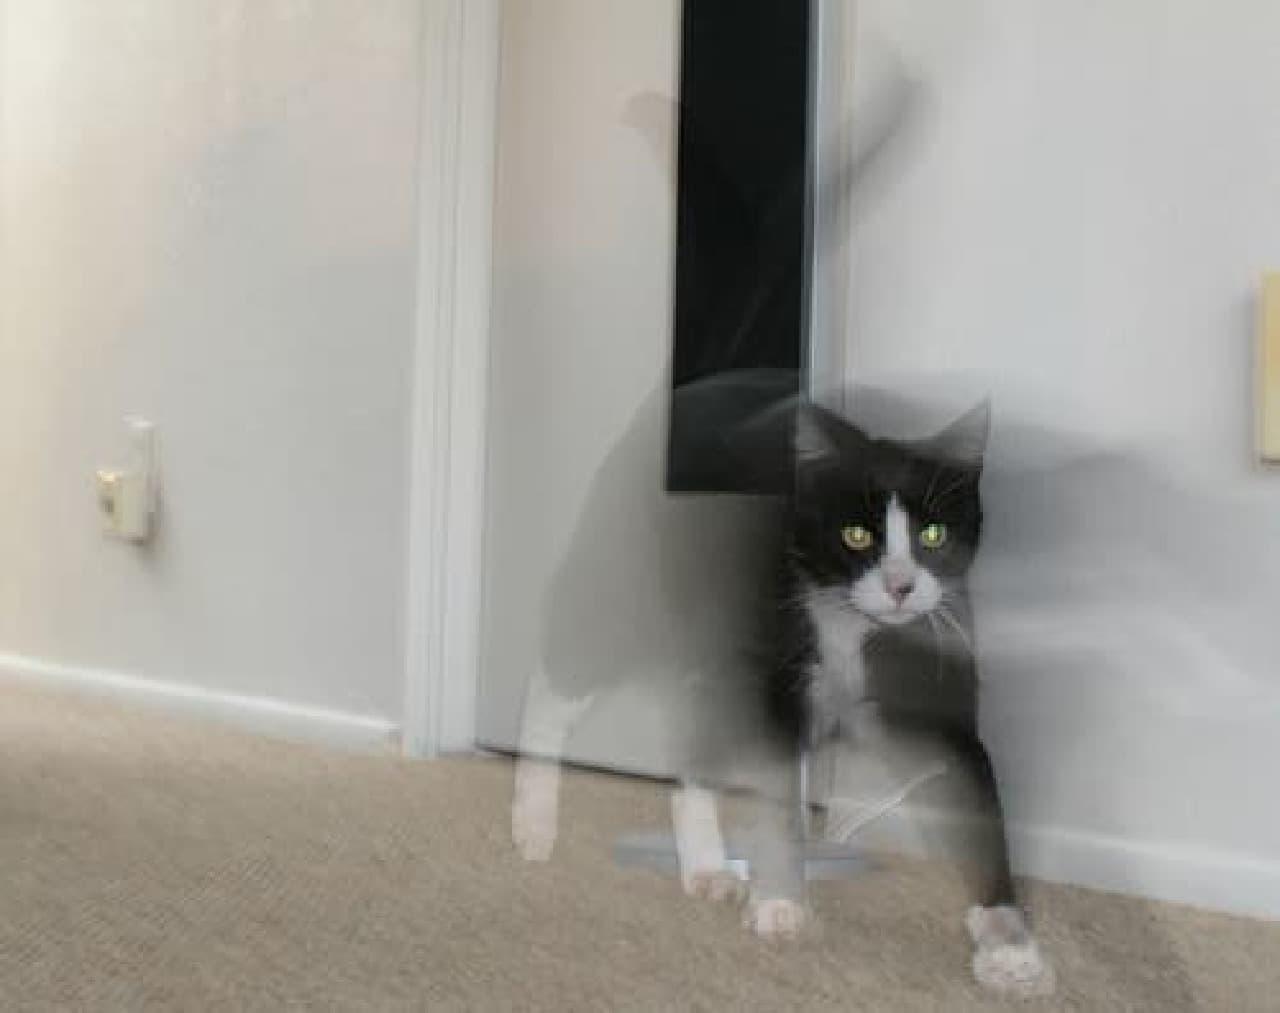 気化直前のネコ(写真はイメージです)